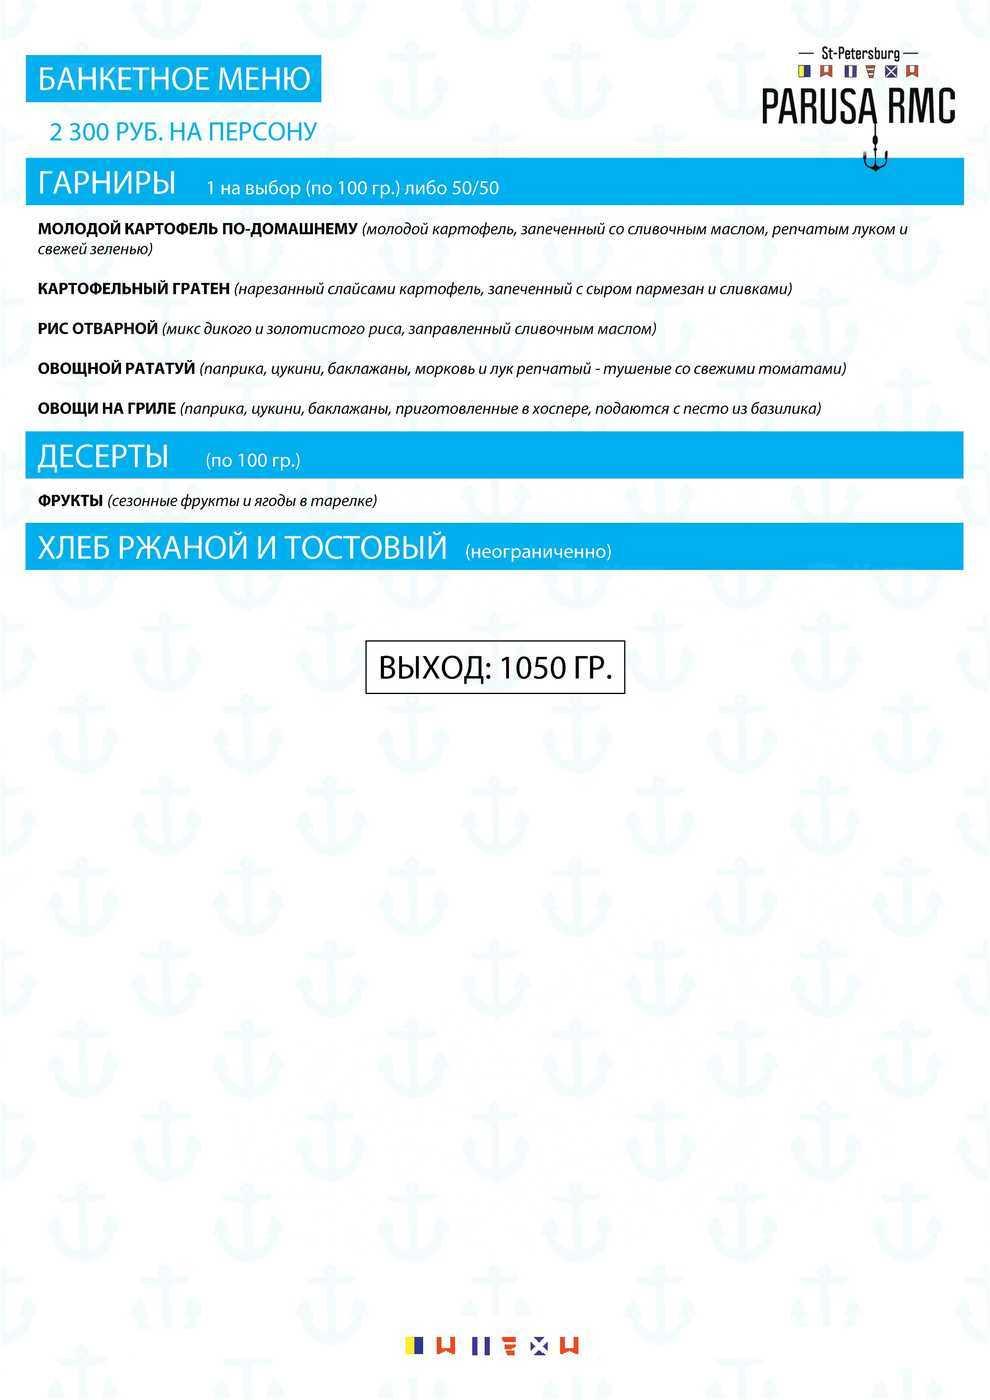 Банкетное меню ресторана Паруса на Петровской косе фото 9